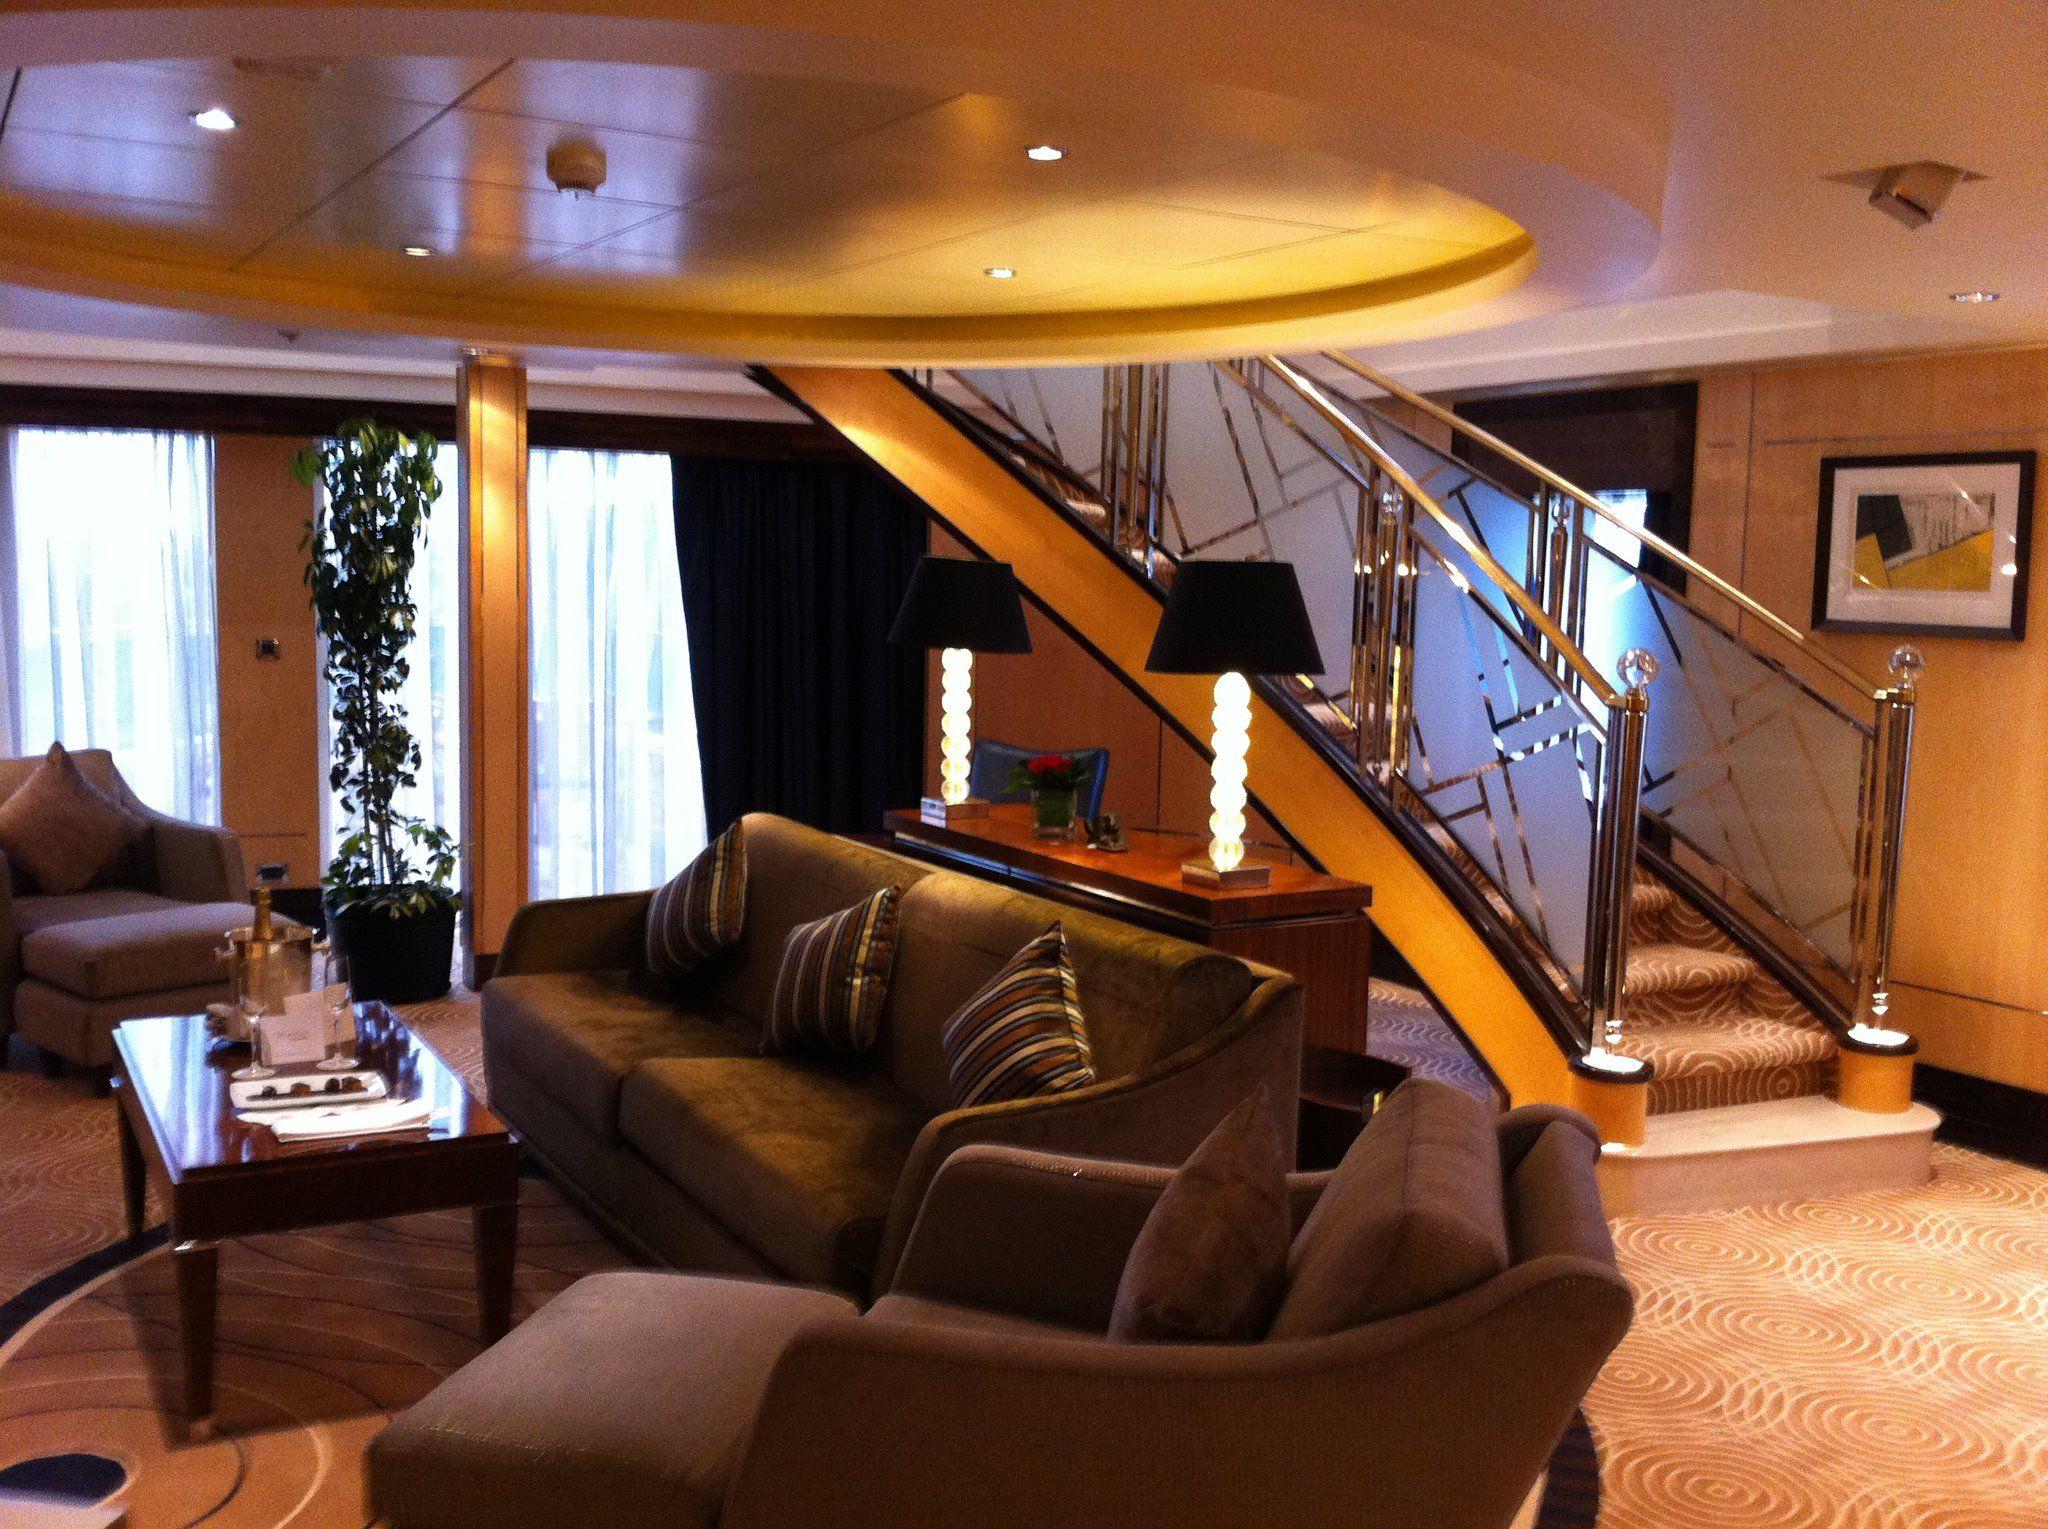 Queen Mary 2 - Q1 Balmoral Duplex | Cunard cruise, Cunard ships, Queen mary